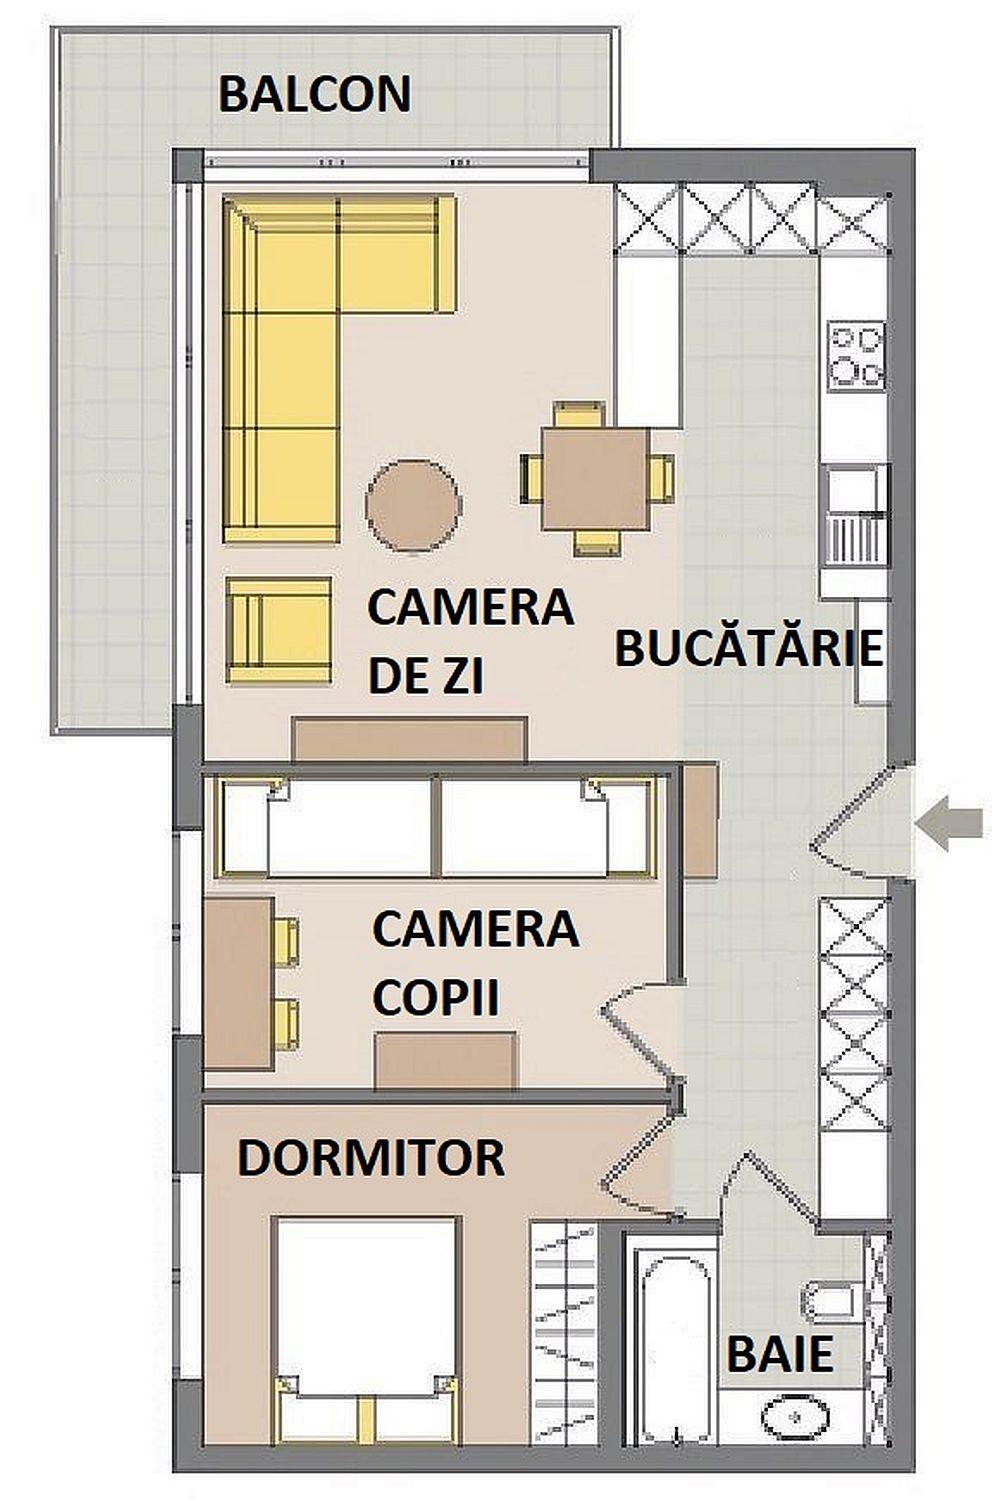 Cum au procedat arhitectele? Au prevăzut ca mobilierul bucătăriei să fie cât mai compact, iar electrocasnicele cât mai puțin prezente. Între bucătărie și camera de zi au gândit un corp de mobilă jos, pe partea cu bucătărie bun pentru depozitare, pe partea către living cu rafturi pentru bibliotecă. Spațiul pentru tv l-au prevăzut pe peretele livingului comun cu dormitorul copiilor. Apoi, au folosit spațiul holului care avea circa 1,8 metri lățime pentru a configura aici un dulap încăpător care să preia și rolul de curie, pantofar, dar și pentru depozitarea hainelor copiilor. Același ansamblu de mobilier din hol maschează și mașina de spălat rufe, astfel că în camera copiilor a rămas loc pentru paturi și birou, iar baia a putut fi amenajată curat și ordonat.